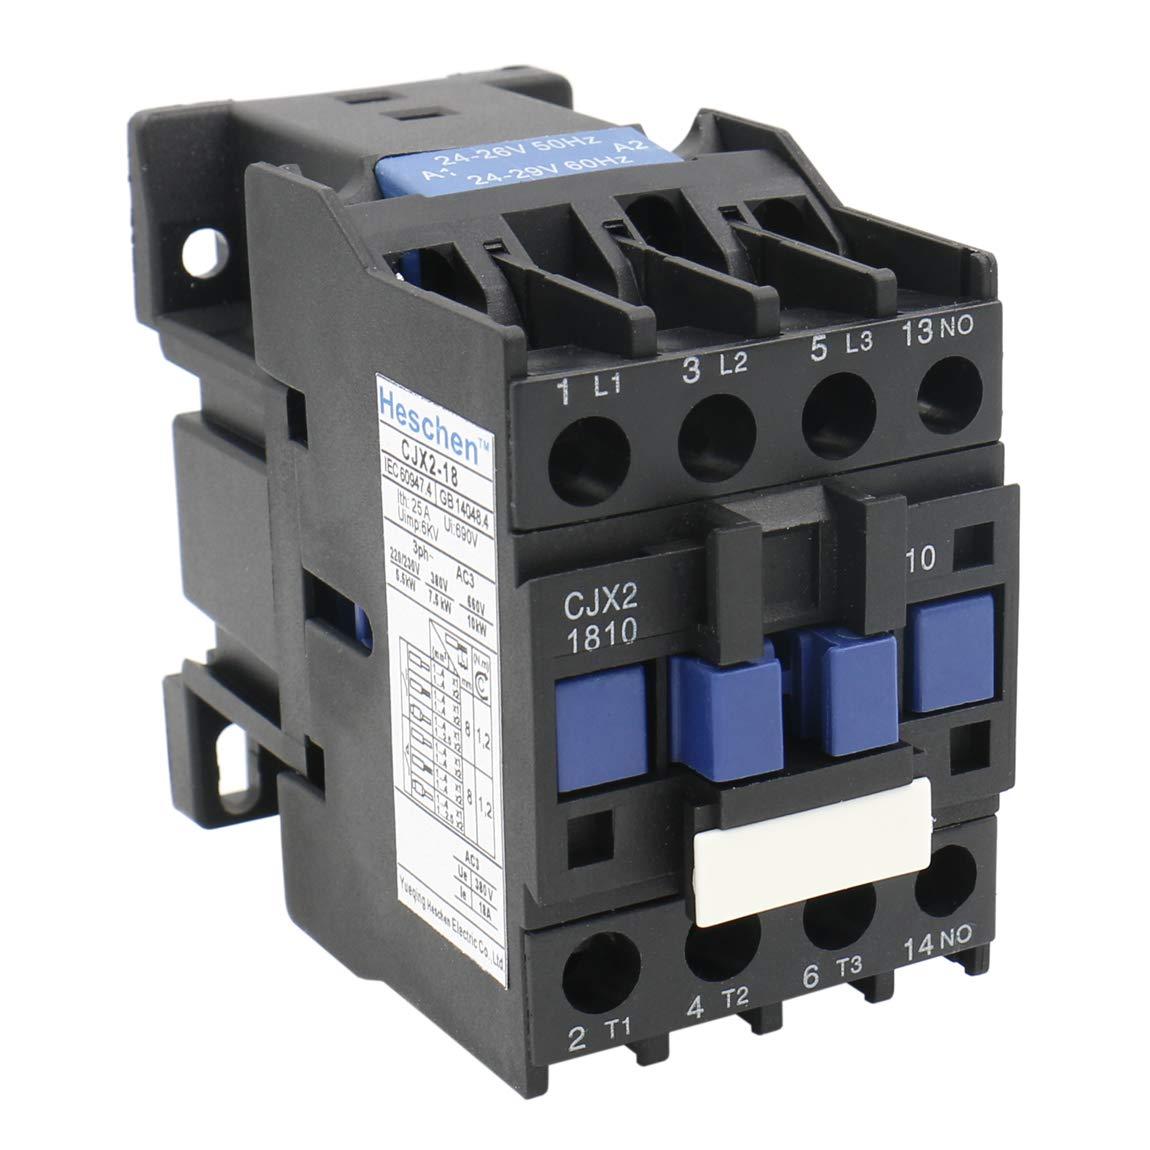 Heschen Contactor AC CJX2-1810 24V 50/60Hz Bobina 3P 3 polos normalmente abierto 660V 25A